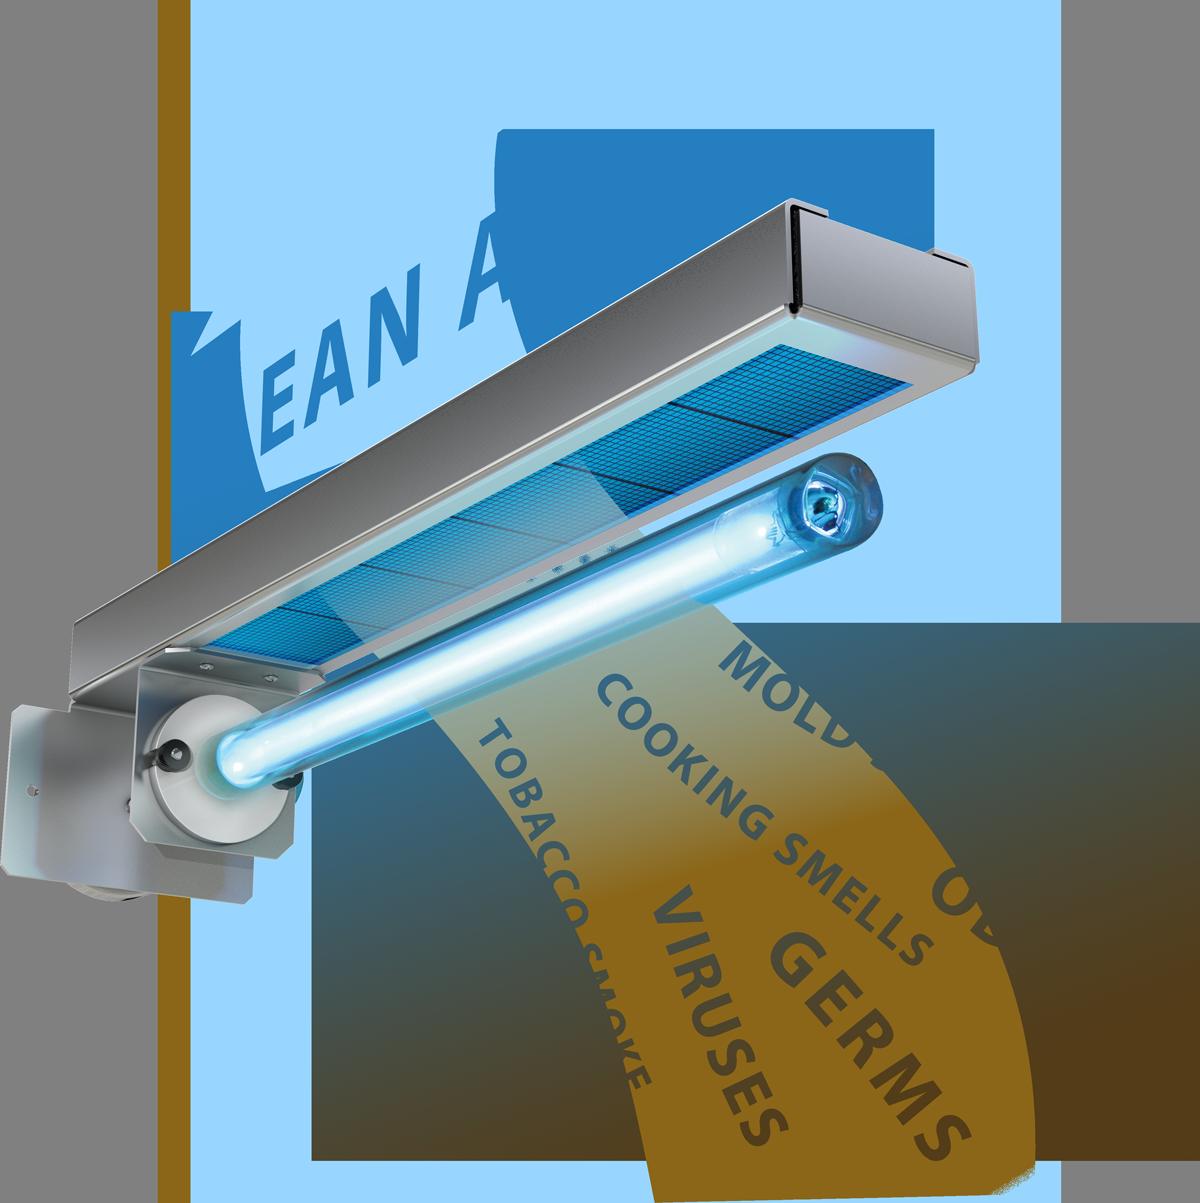 APCO-MAG-15-clean-air